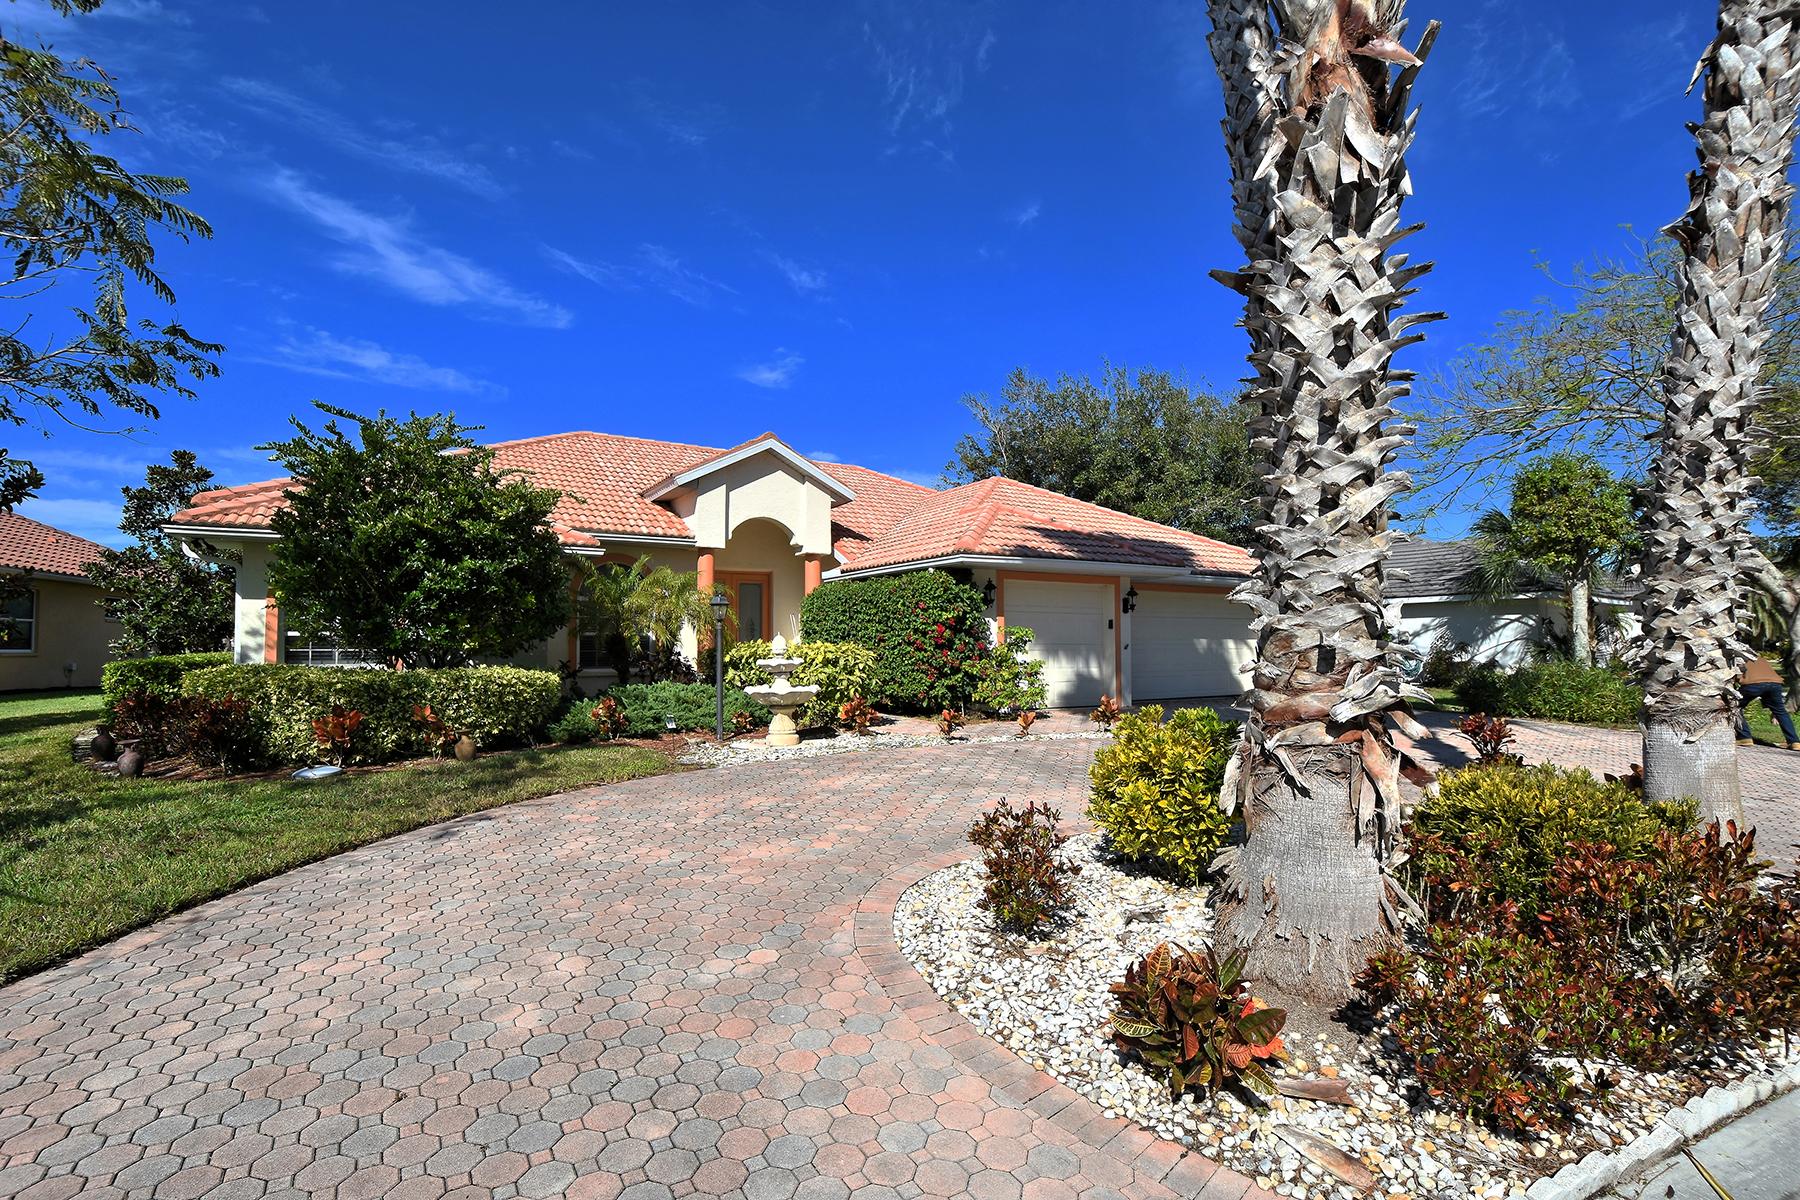 Maison unifamiliale pour l Vente à PARK TRACE ESTATES 146 Willow Bend Way Osprey, Florida 34229 États-Unis